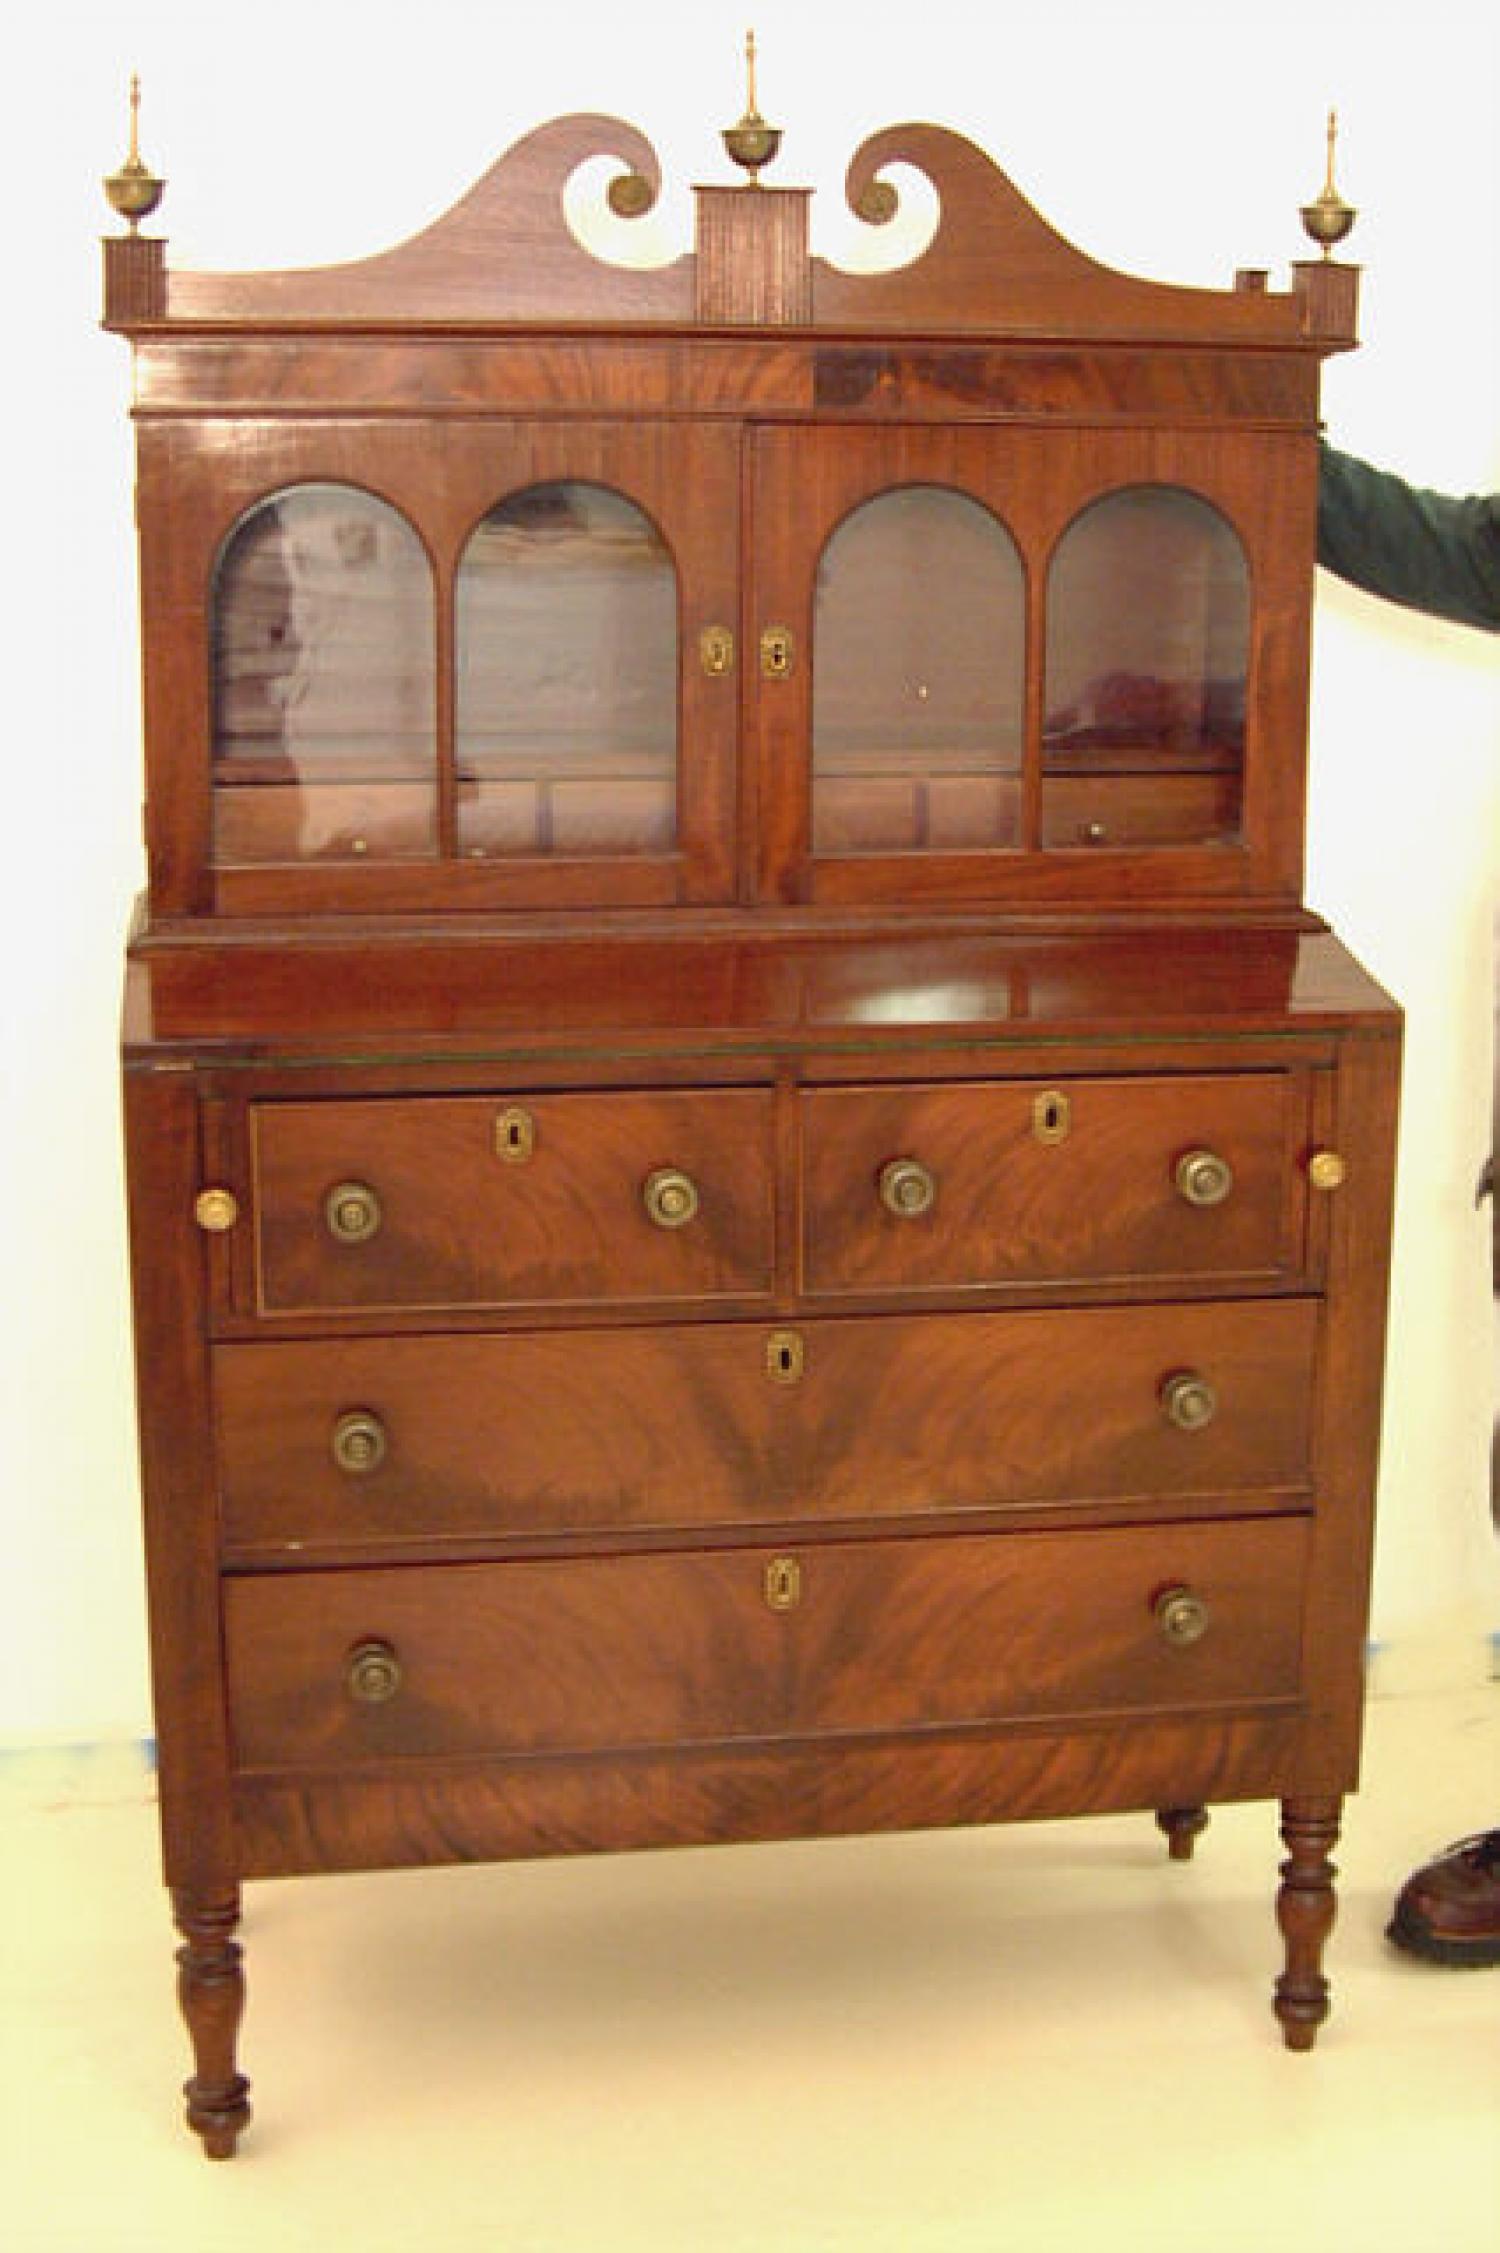 Period American Sheraton Secretary bookcase